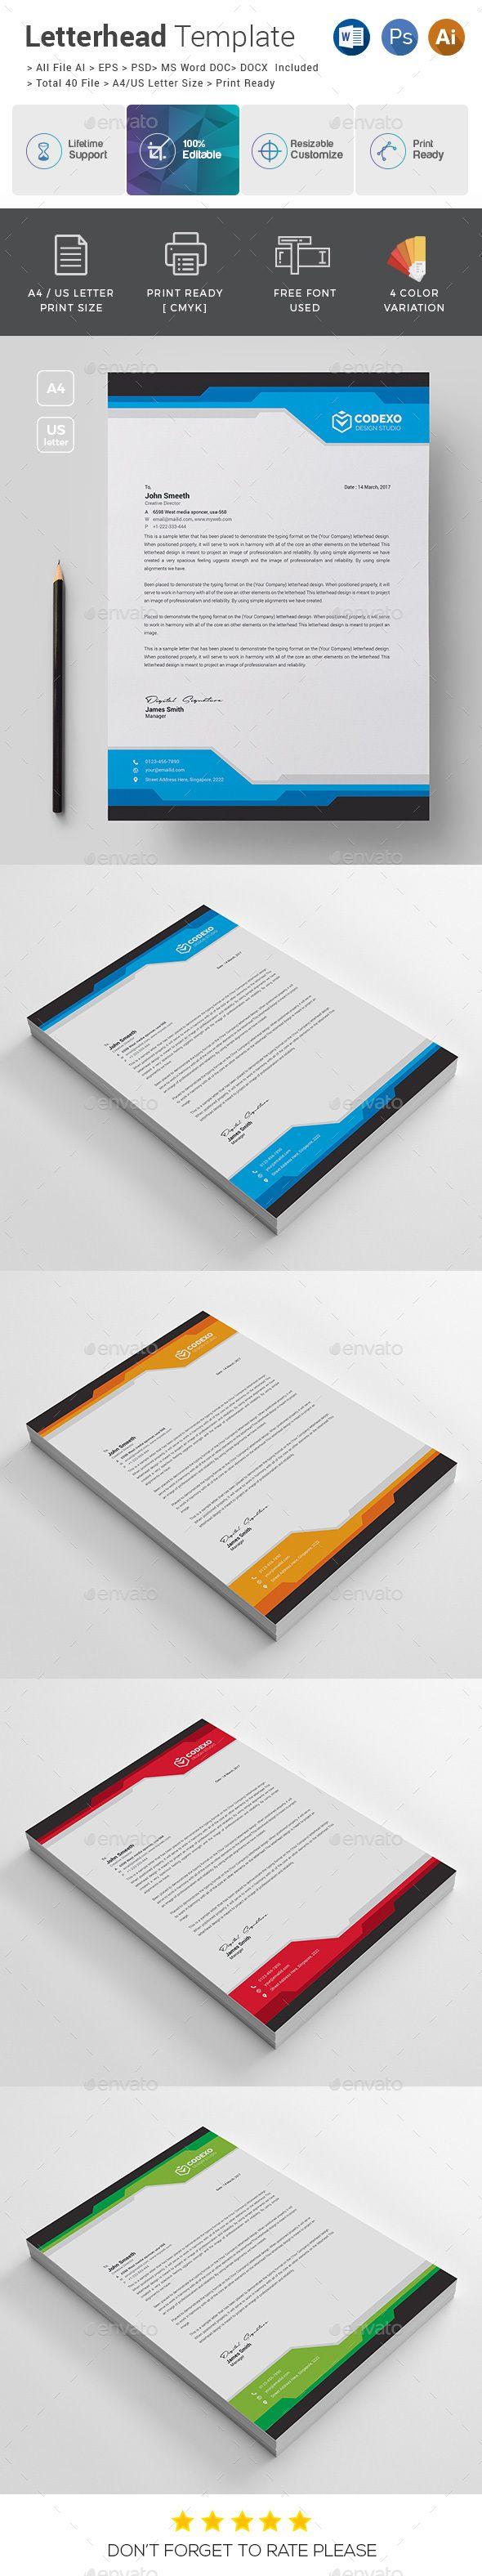 Letterhead Samples Word Letterhead Template  #stationery Print Templates  Letterhead .